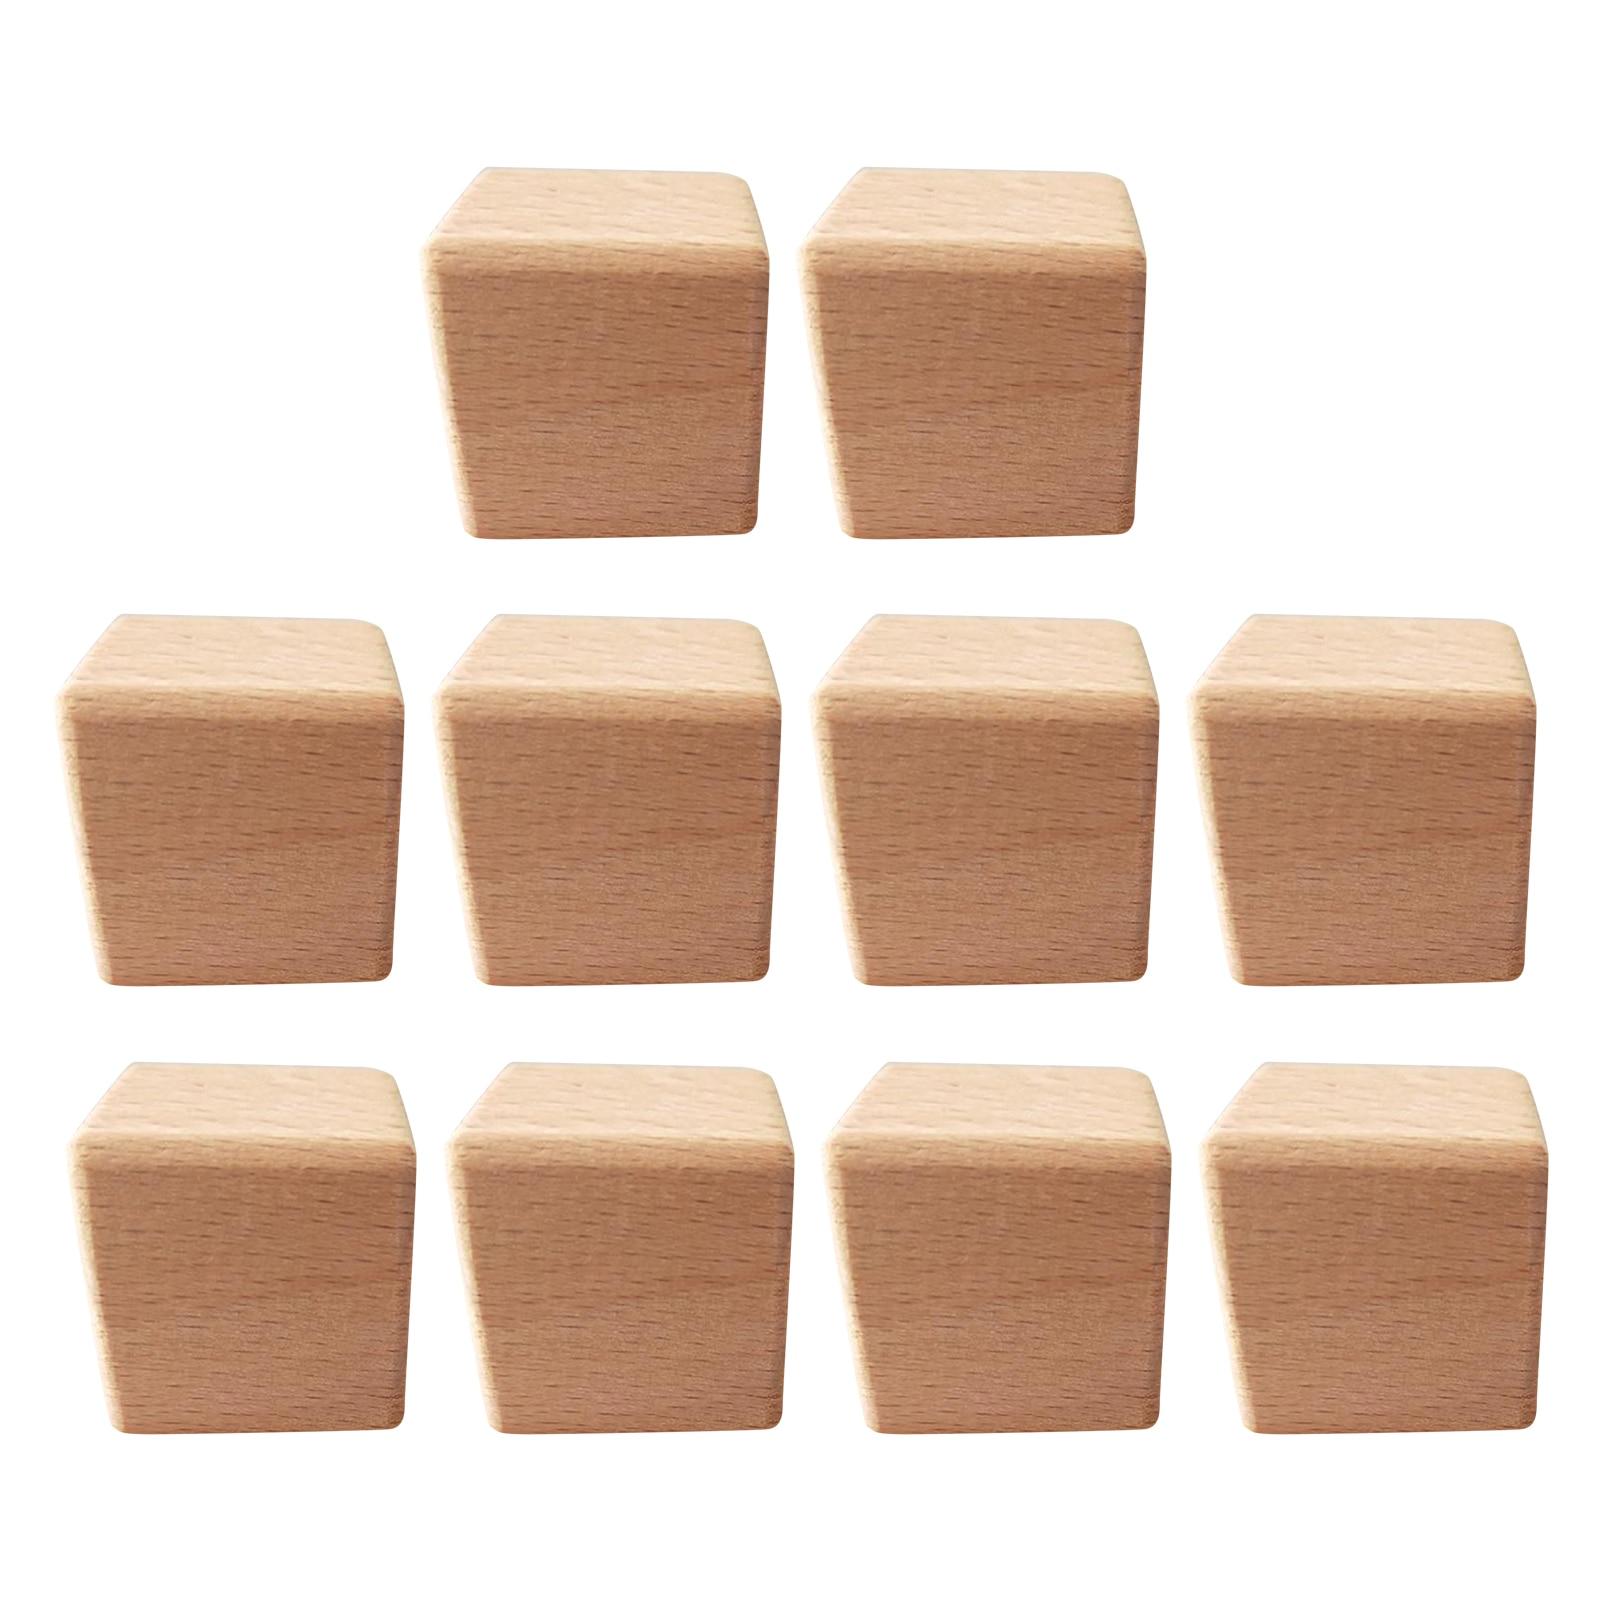 10 шт деревянные канцелярские товары блоки деревянные кубики с квадратными каблуками для DIY деревообрабатывающий расходные материалы